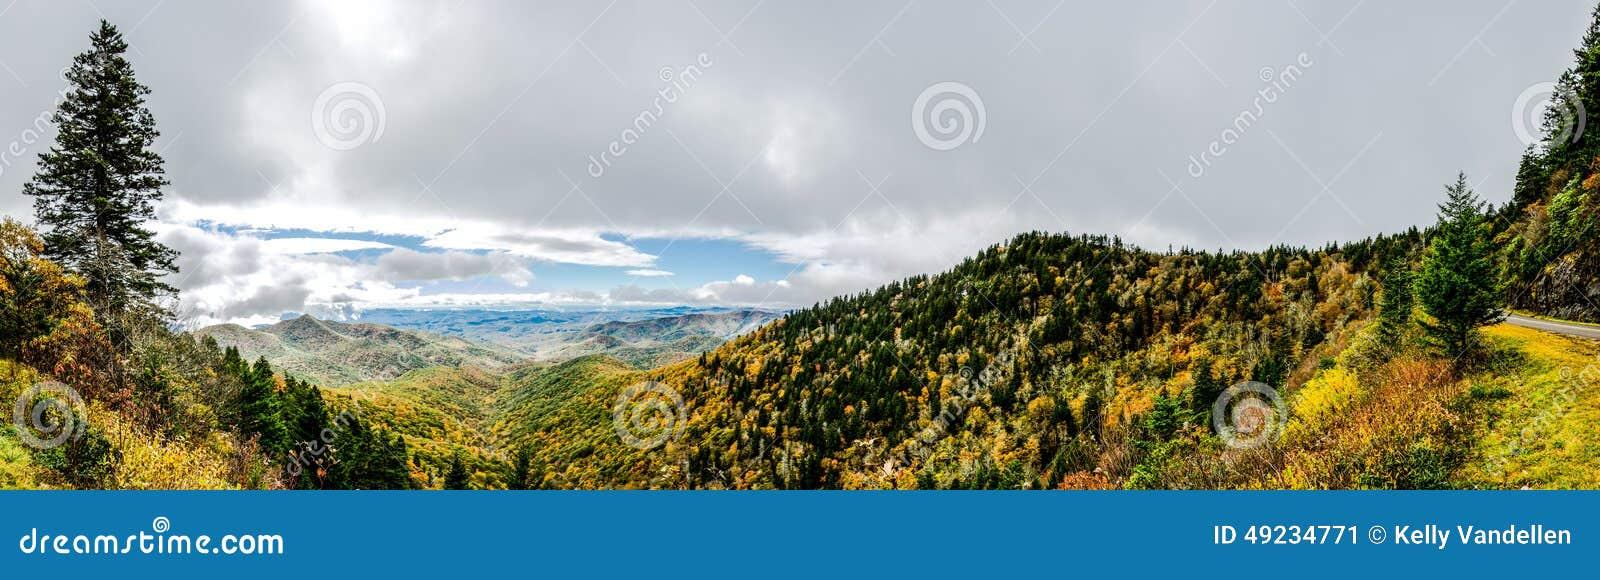 Pogodna panorama od punktu obserwacyjnego na Błękitnym grani Parkway